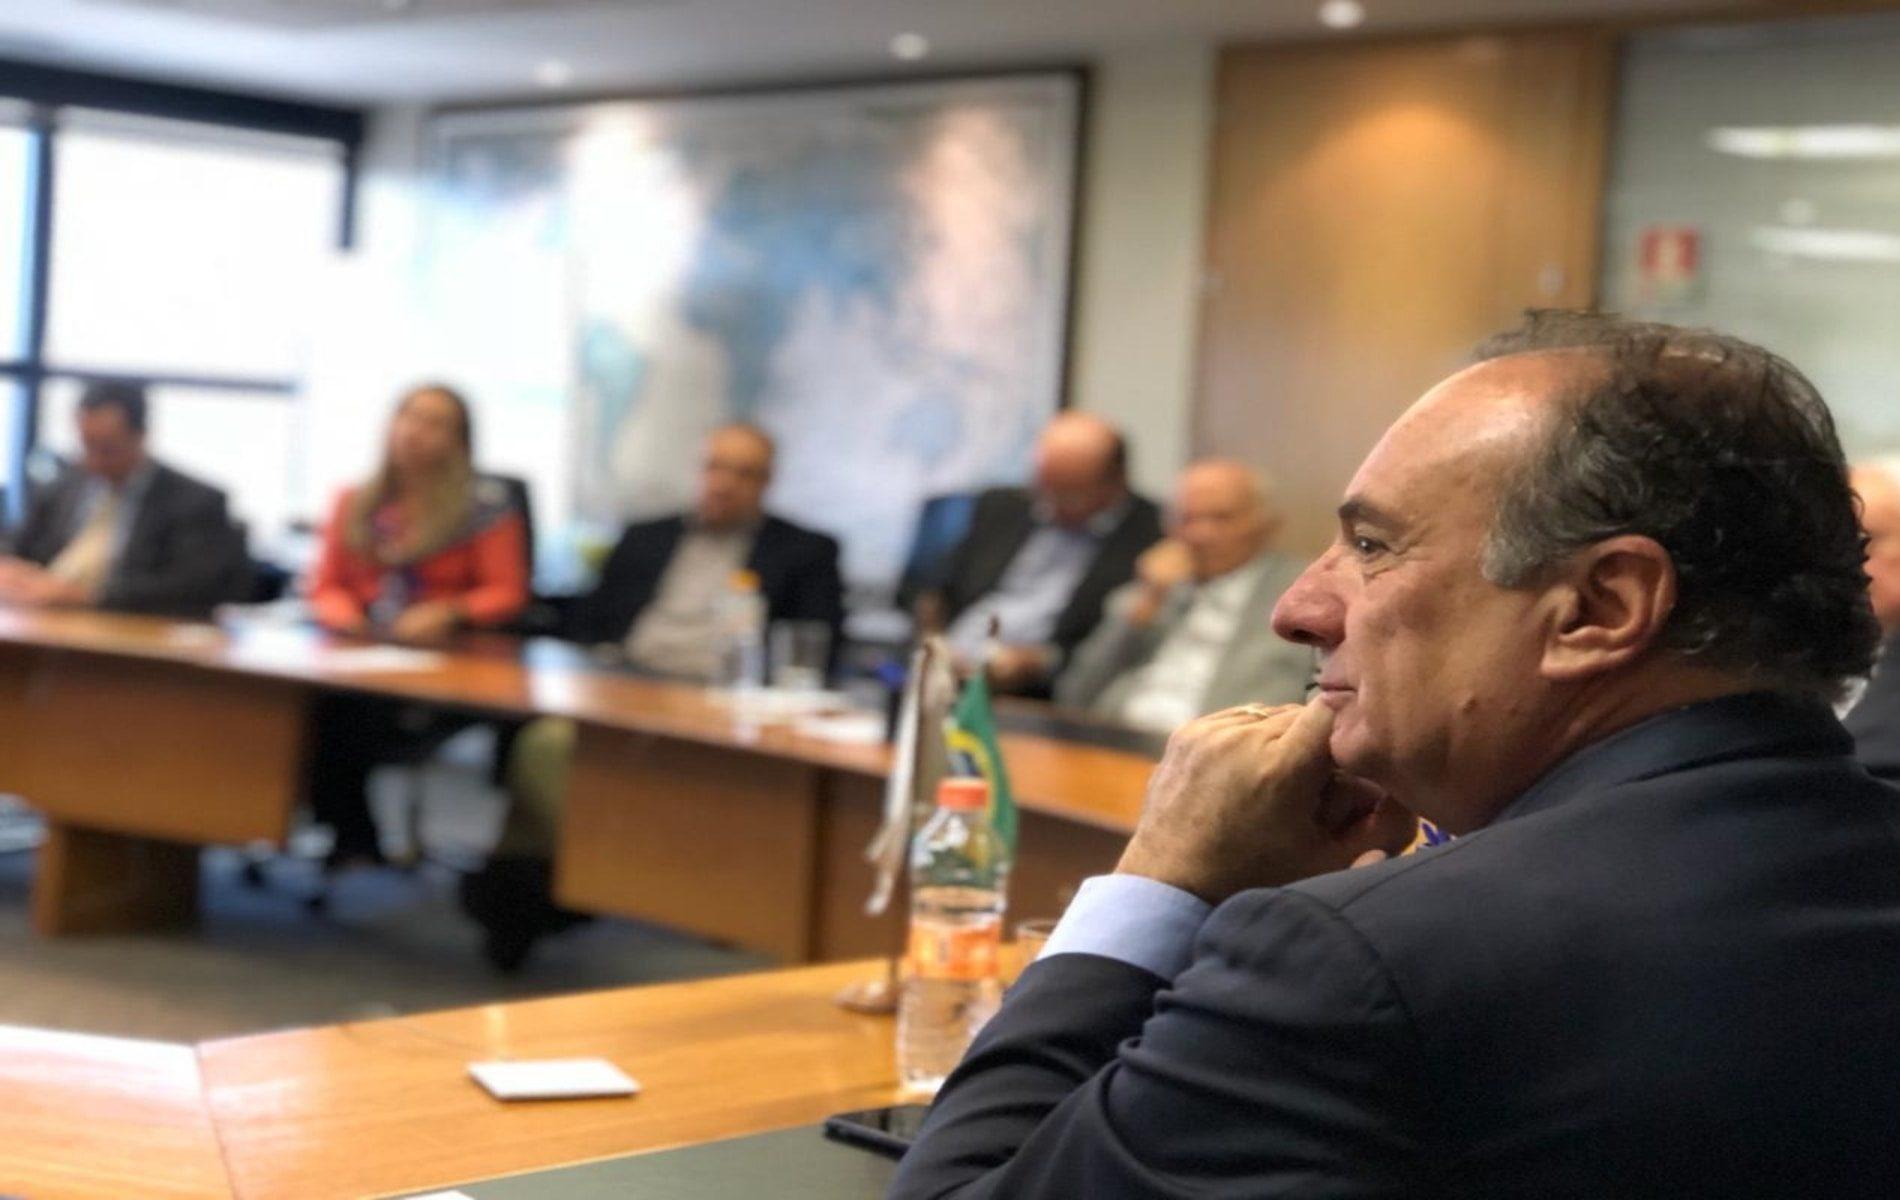 """Ricardo Tripoli comentou sobre ano eleitoral e gestão Covas: """"Temos um prefeito que conhece a cidade"""" (Crédito: Facebook Ricardo Tripoli)"""